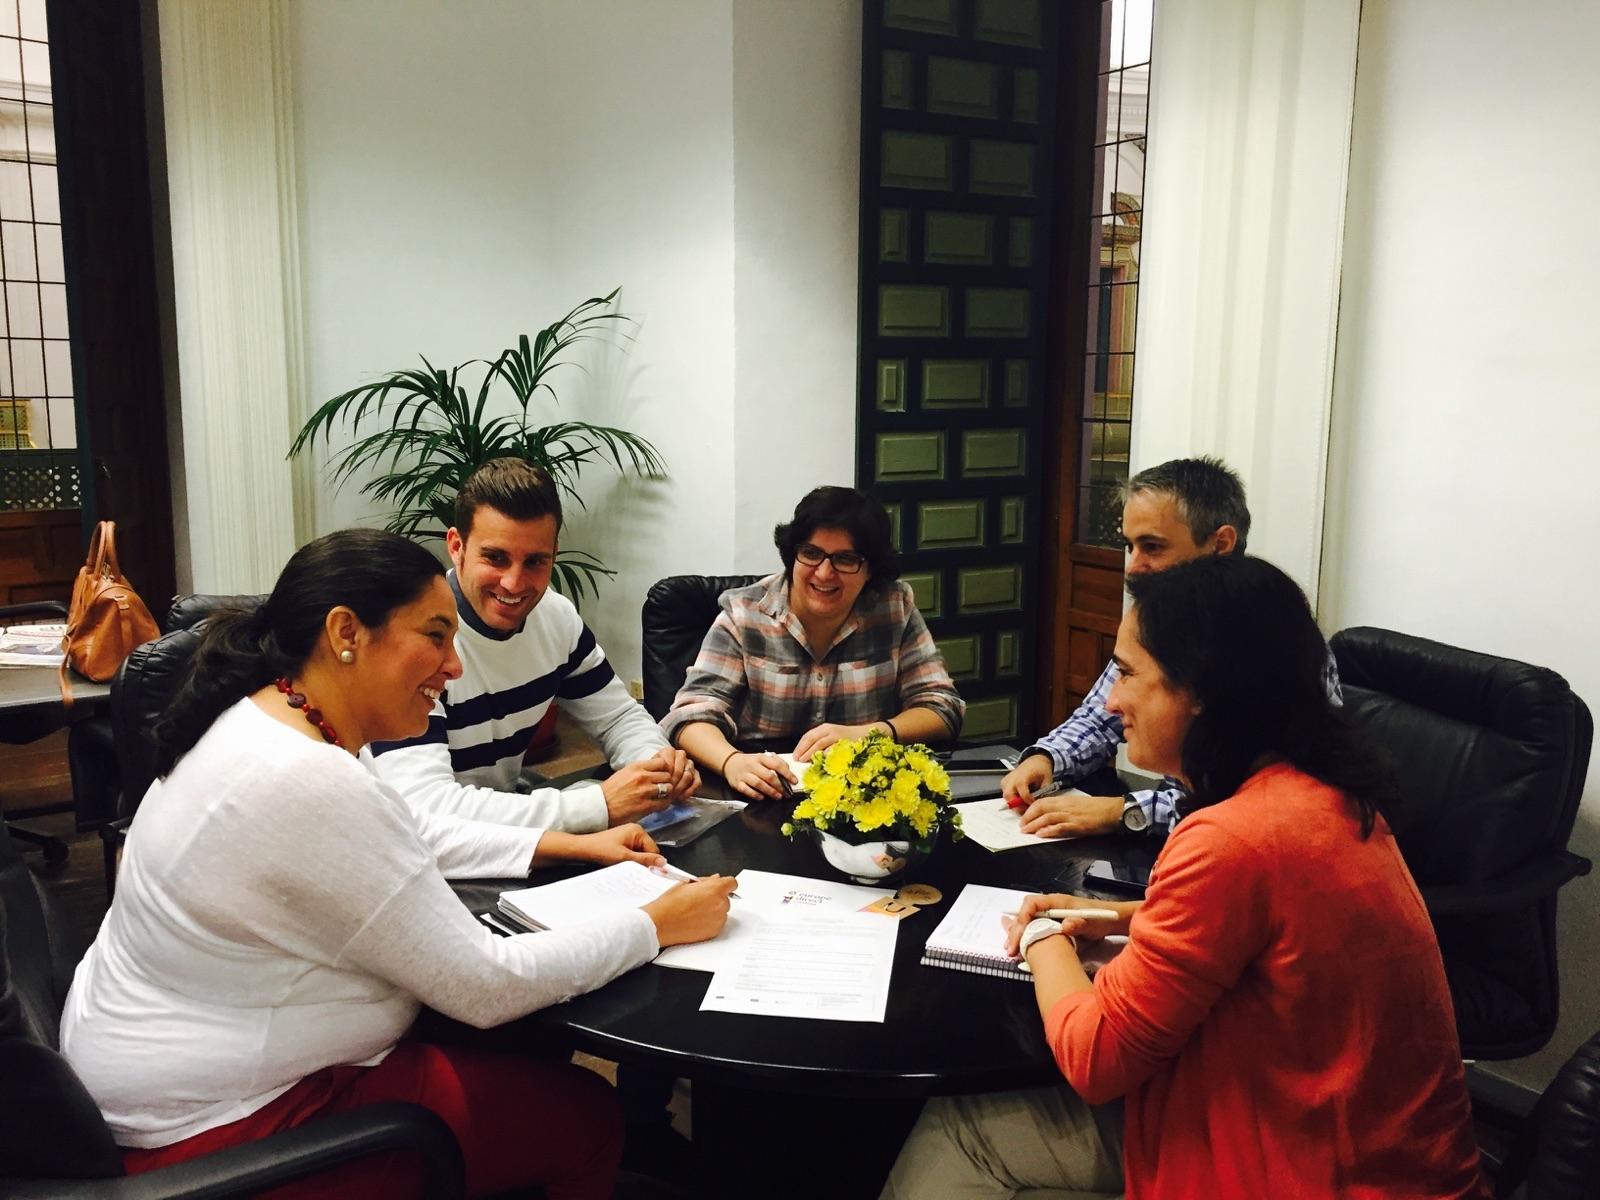 Reunión de trabajo con los responsables politicos y téncnicos de Montoro. 20 octubre 2015.